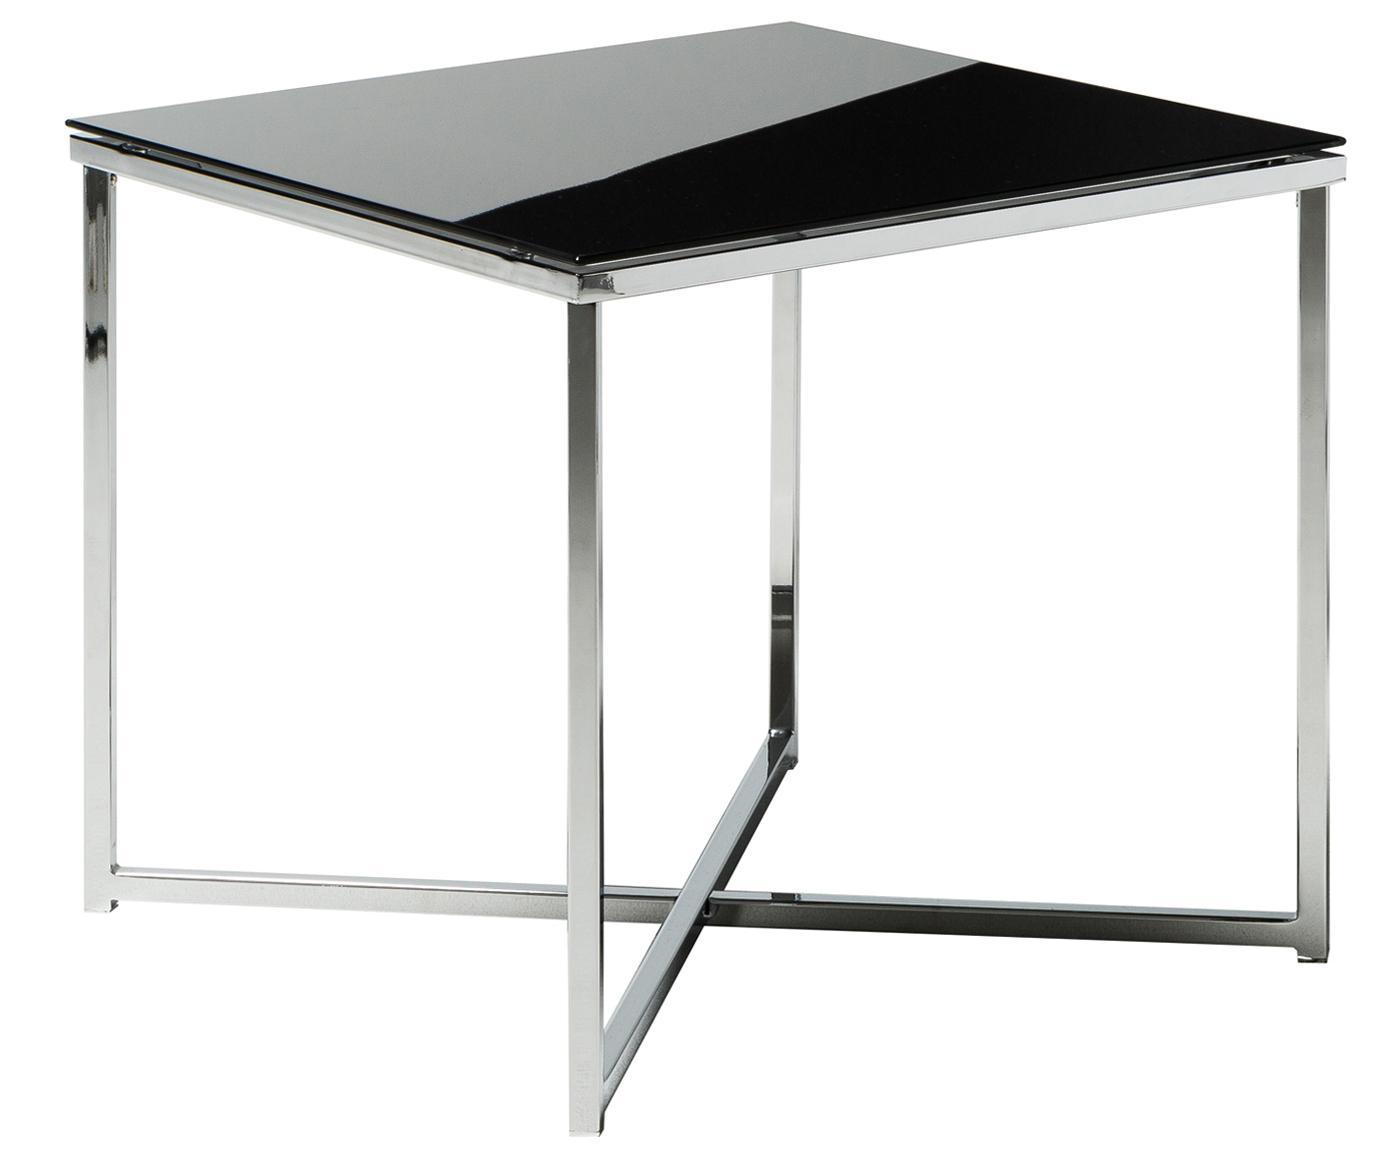 Stolik pomocniczy ze szklanym blatem Matheo, Stelaż: metal chromowany, Blat: szkło hartowane, Czarny, metal chromowany, S 50 x W 45 cm